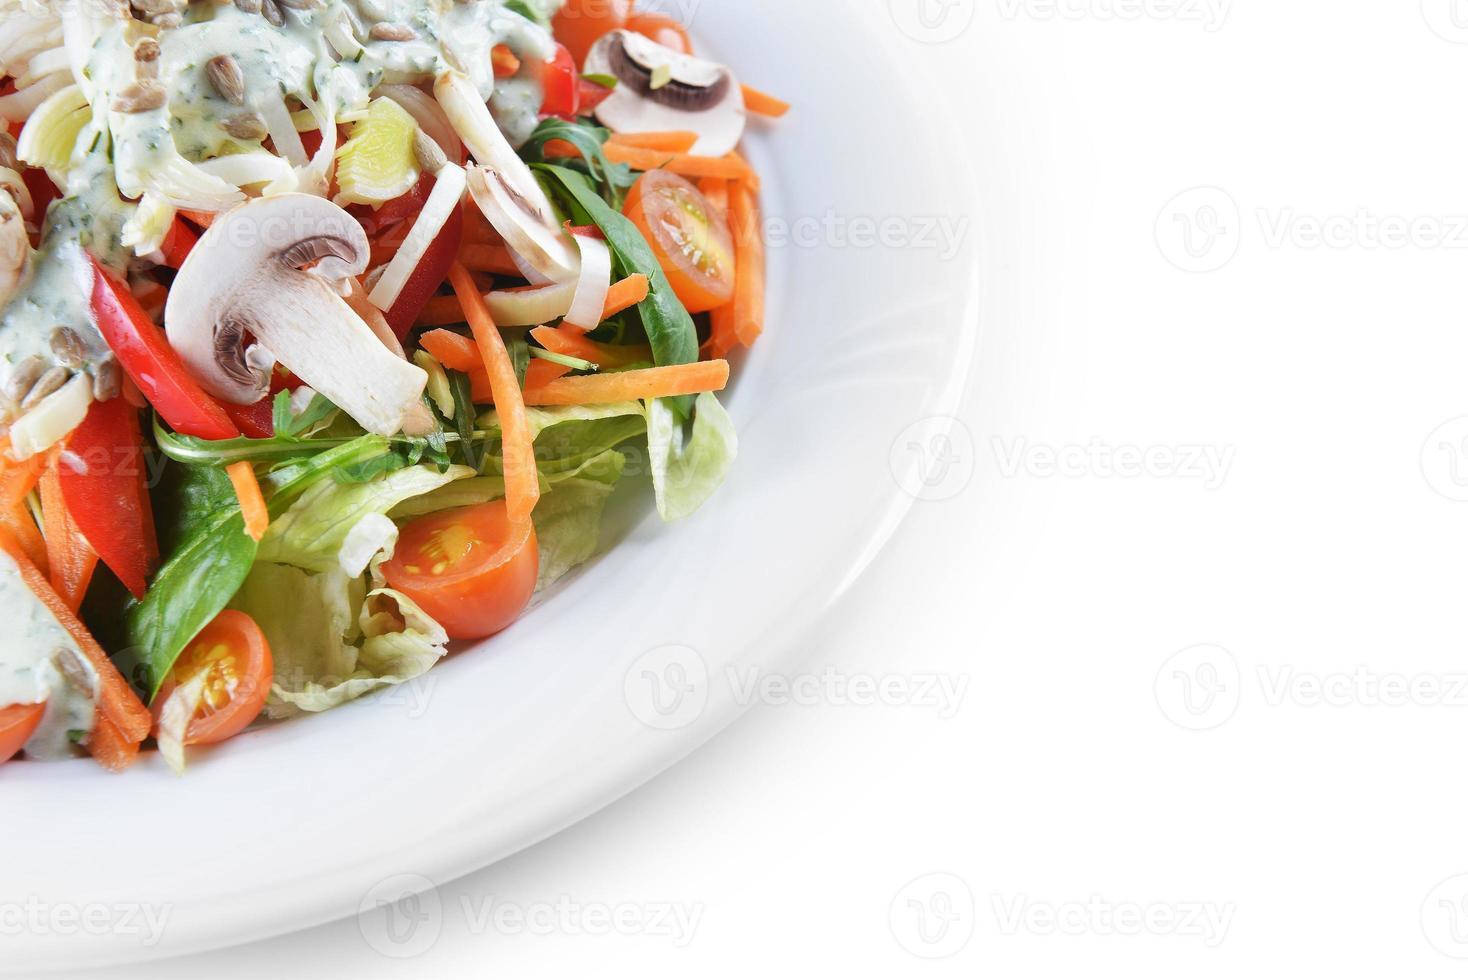 mushrooms salad photo